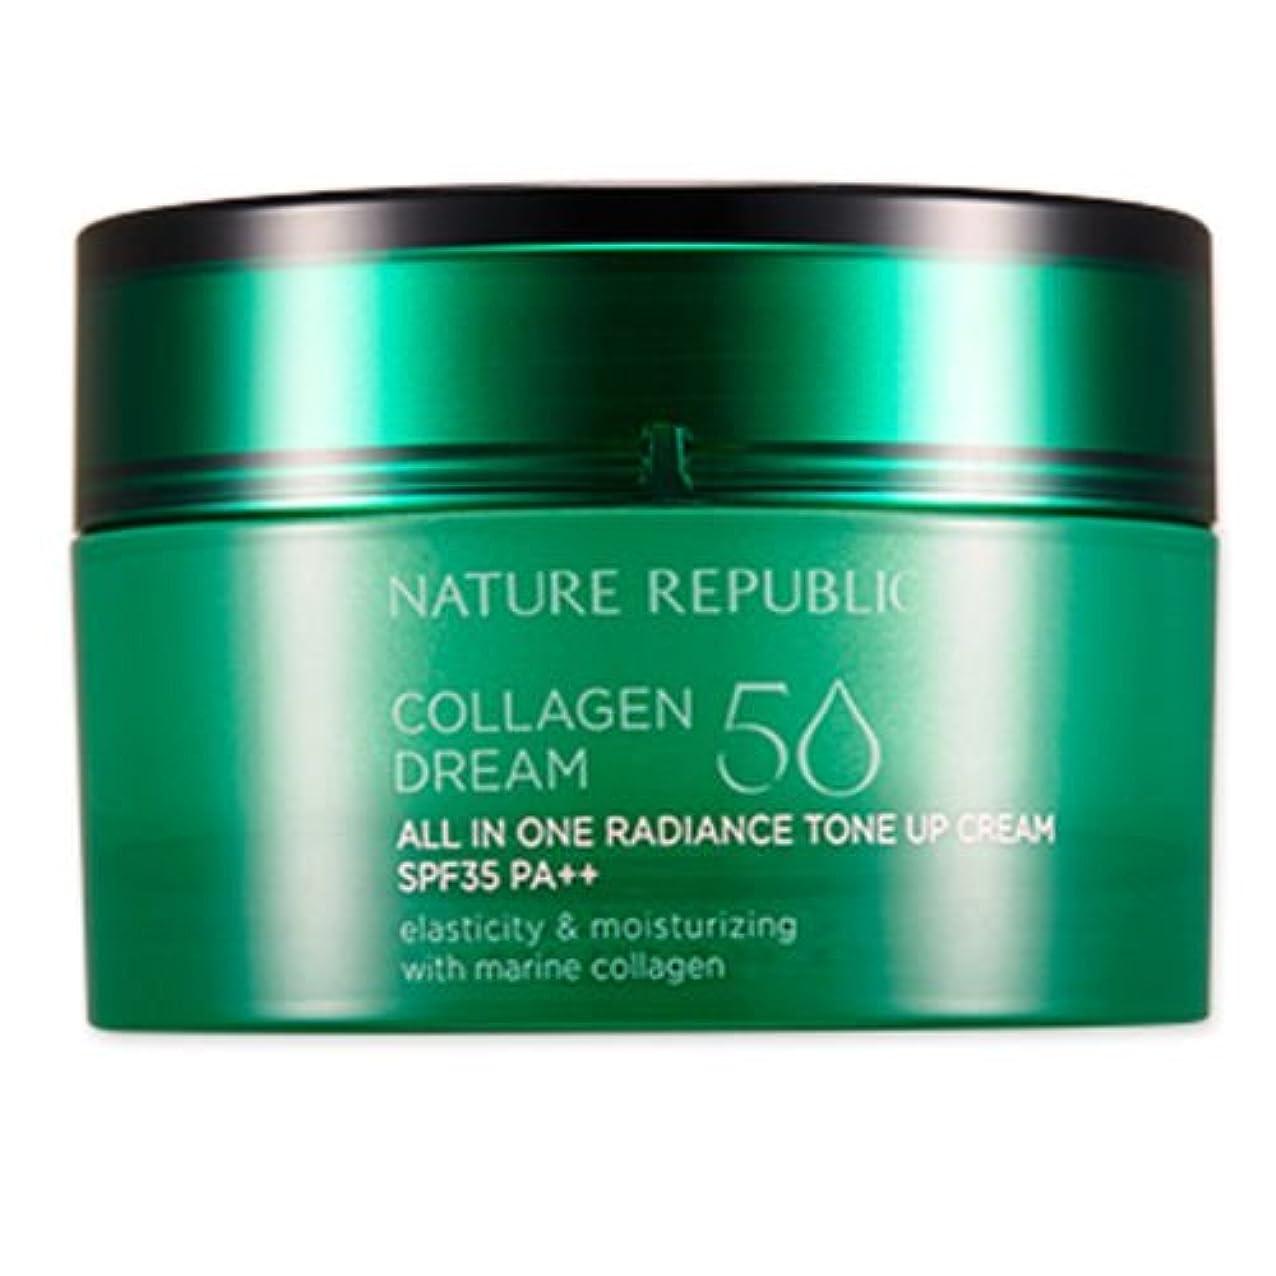 羊の服を着た狼金属平均NATURE REPUBLIC Collagen Dream 50 All-In-One Radiance Tone Up Cream(SPF35PA++) ネイチャーリパブリック [韓国コスメ ] コラーゲンドリーム50...